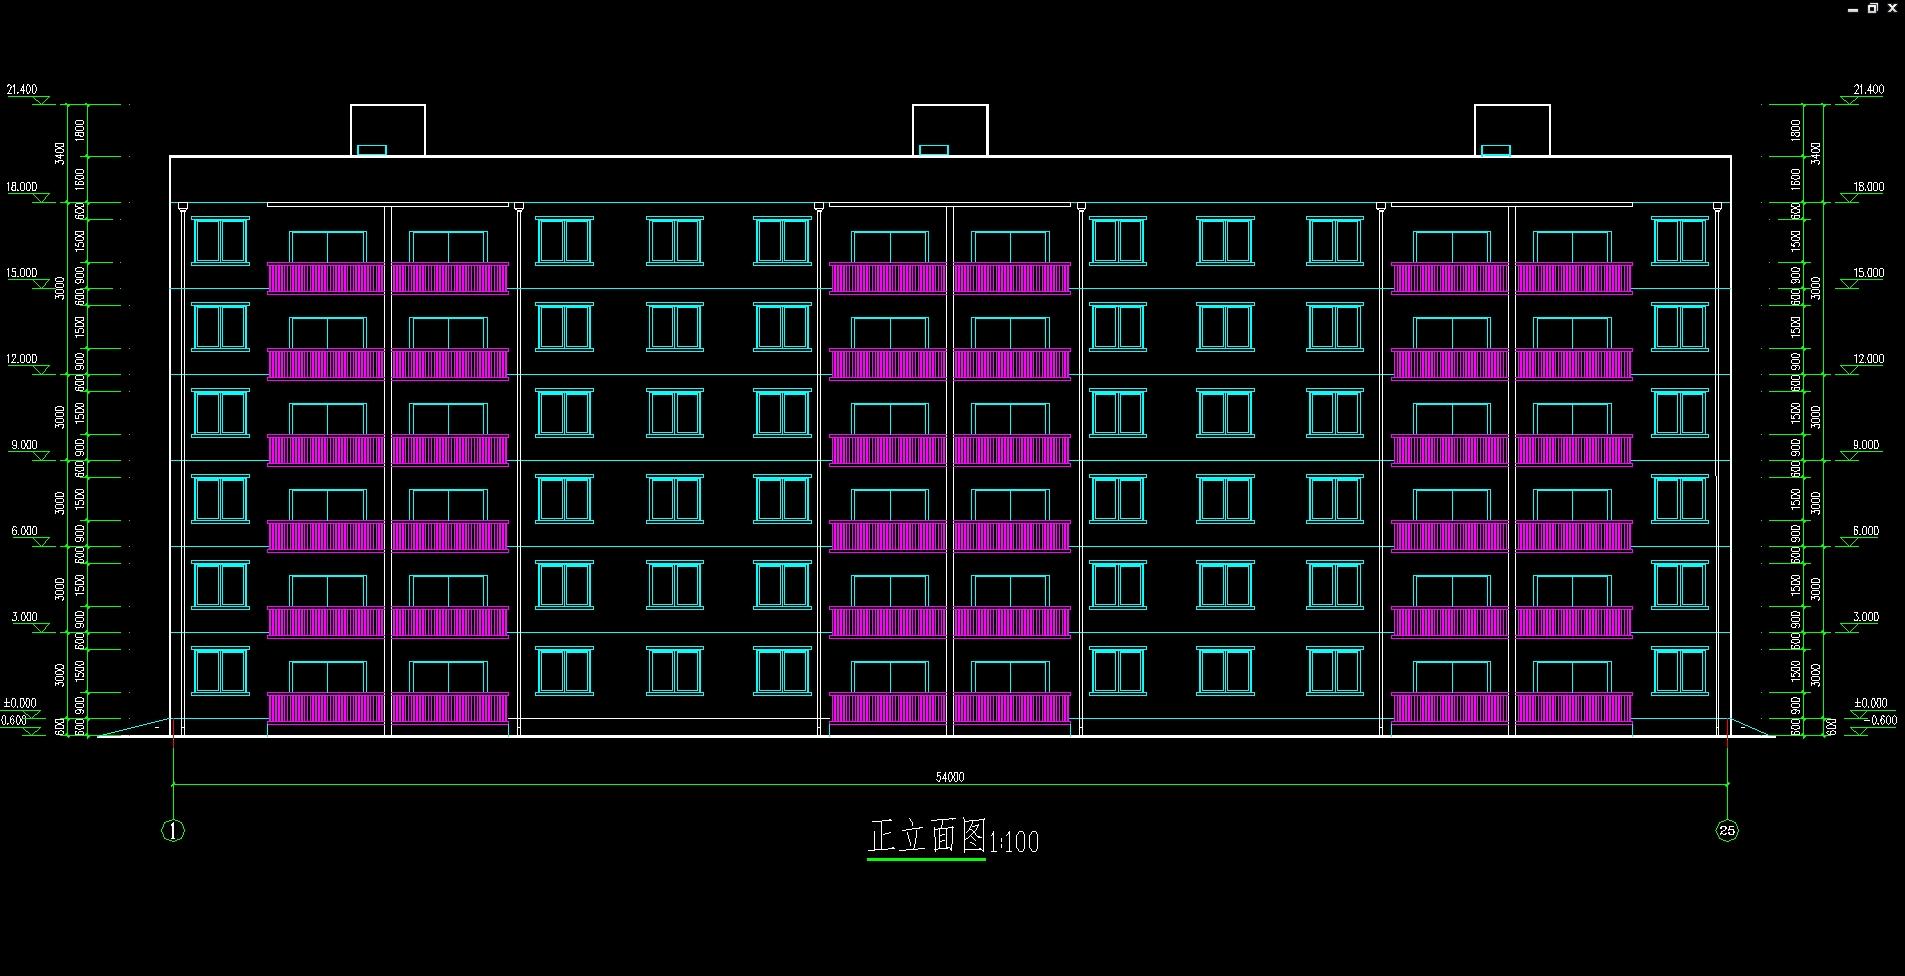 南京市六层3846平米小区住宅楼施工组织设计(建筑图,结构图)(任务书,开题报告,施工组织设计书71000字,建筑图8张,结构图8张) 南京市南京市某住宅小区3#楼,位于有密集建筑群市区,该工程为钢筋混凝土框架结构,总建筑面积3846.0,地上六层,一层层高3.00m,二层层高3.00m,其余各层层高3.